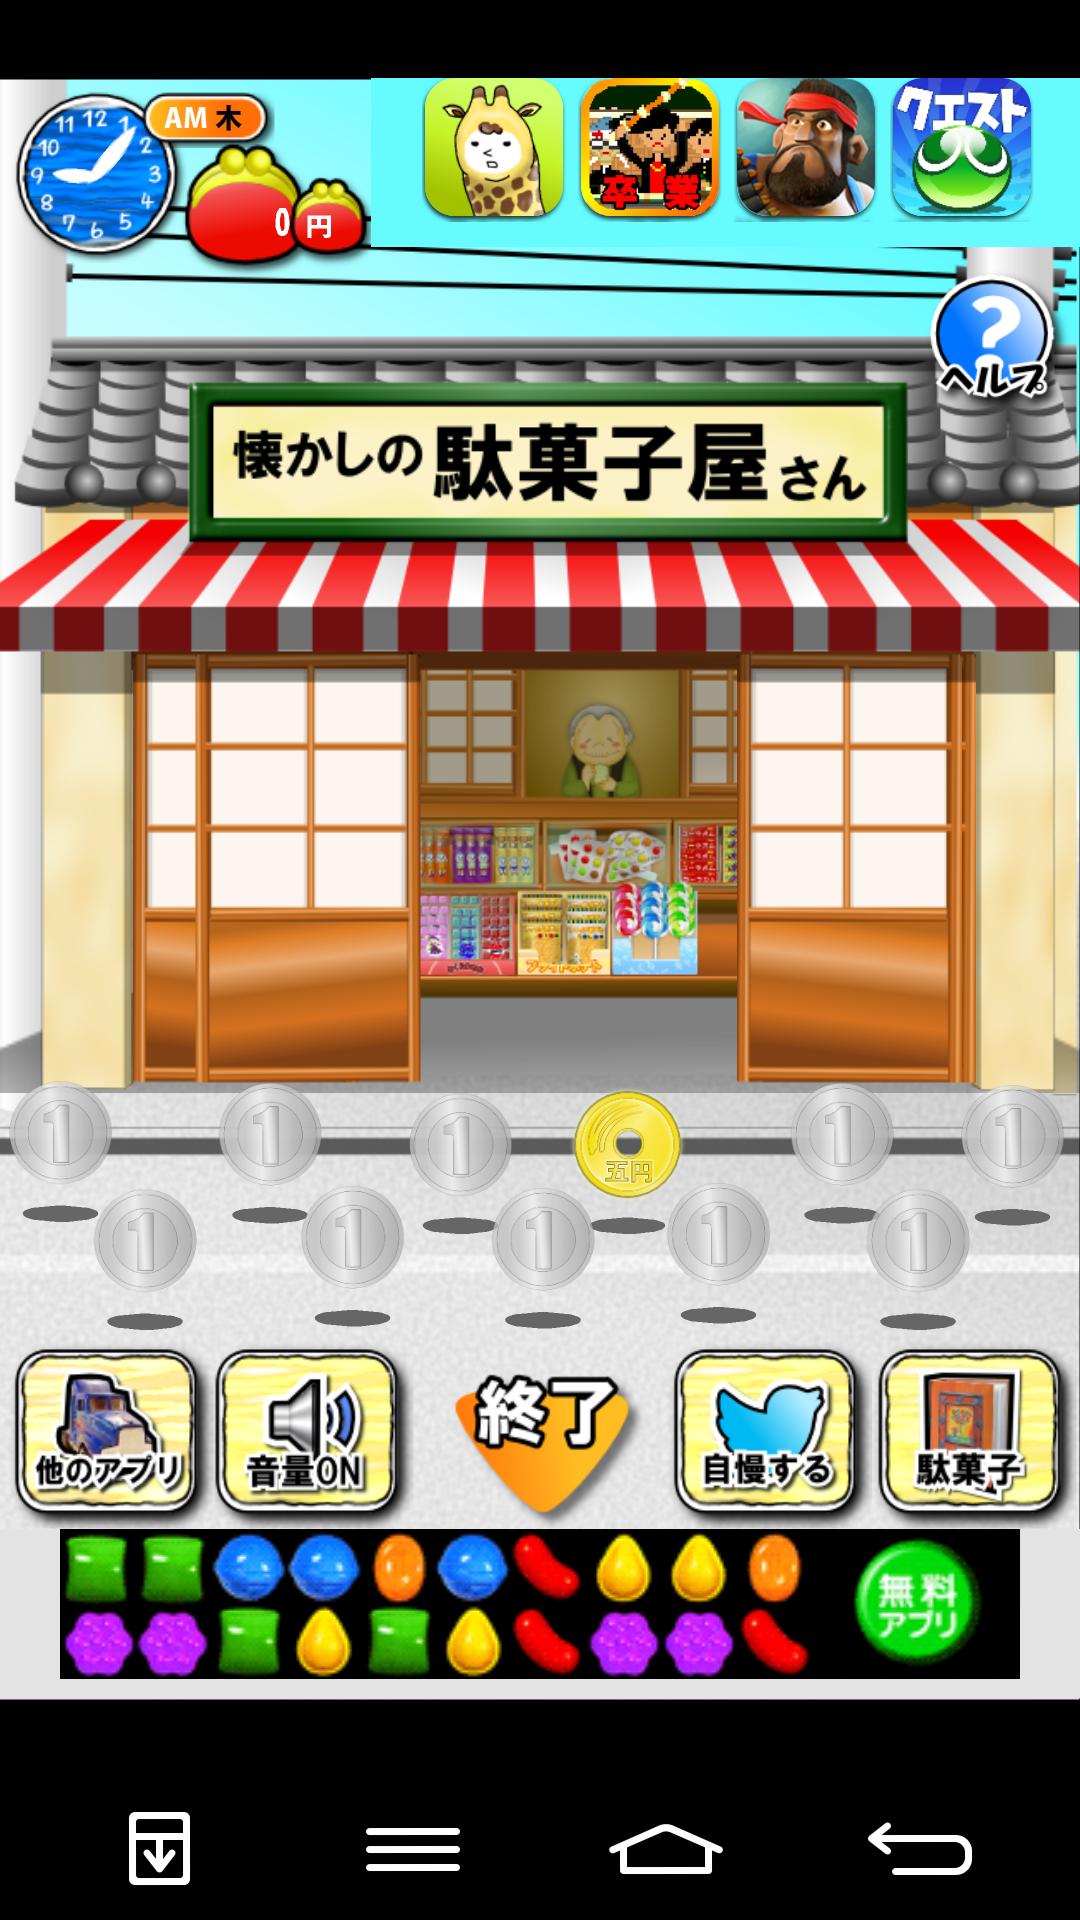 なつかしの駄菓子屋さん androidアプリスクリーンショット1